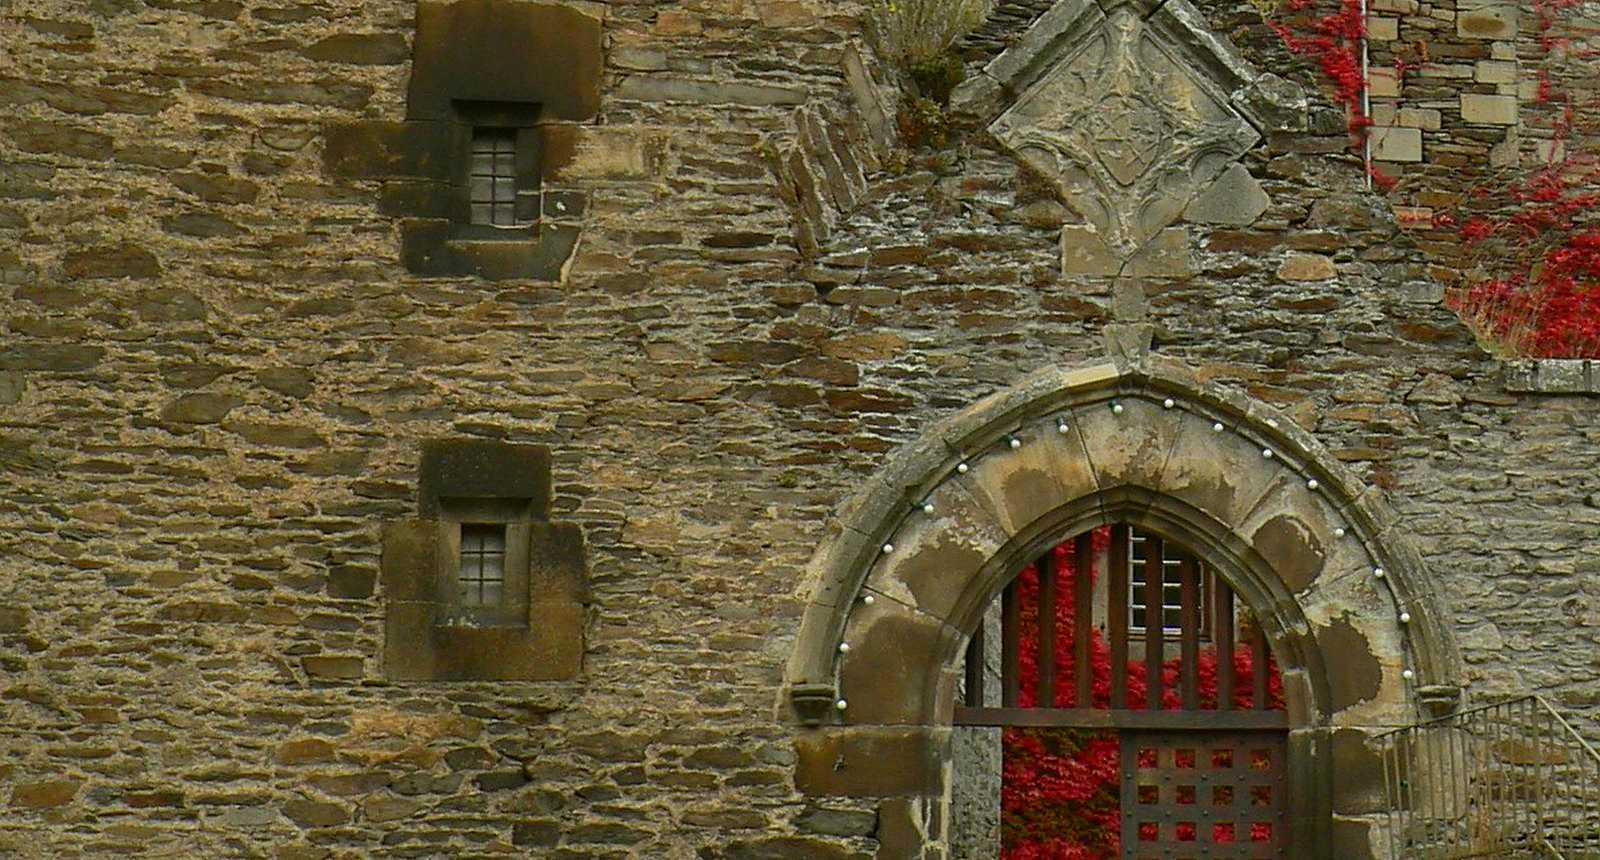 Porte du Château de Coupiac